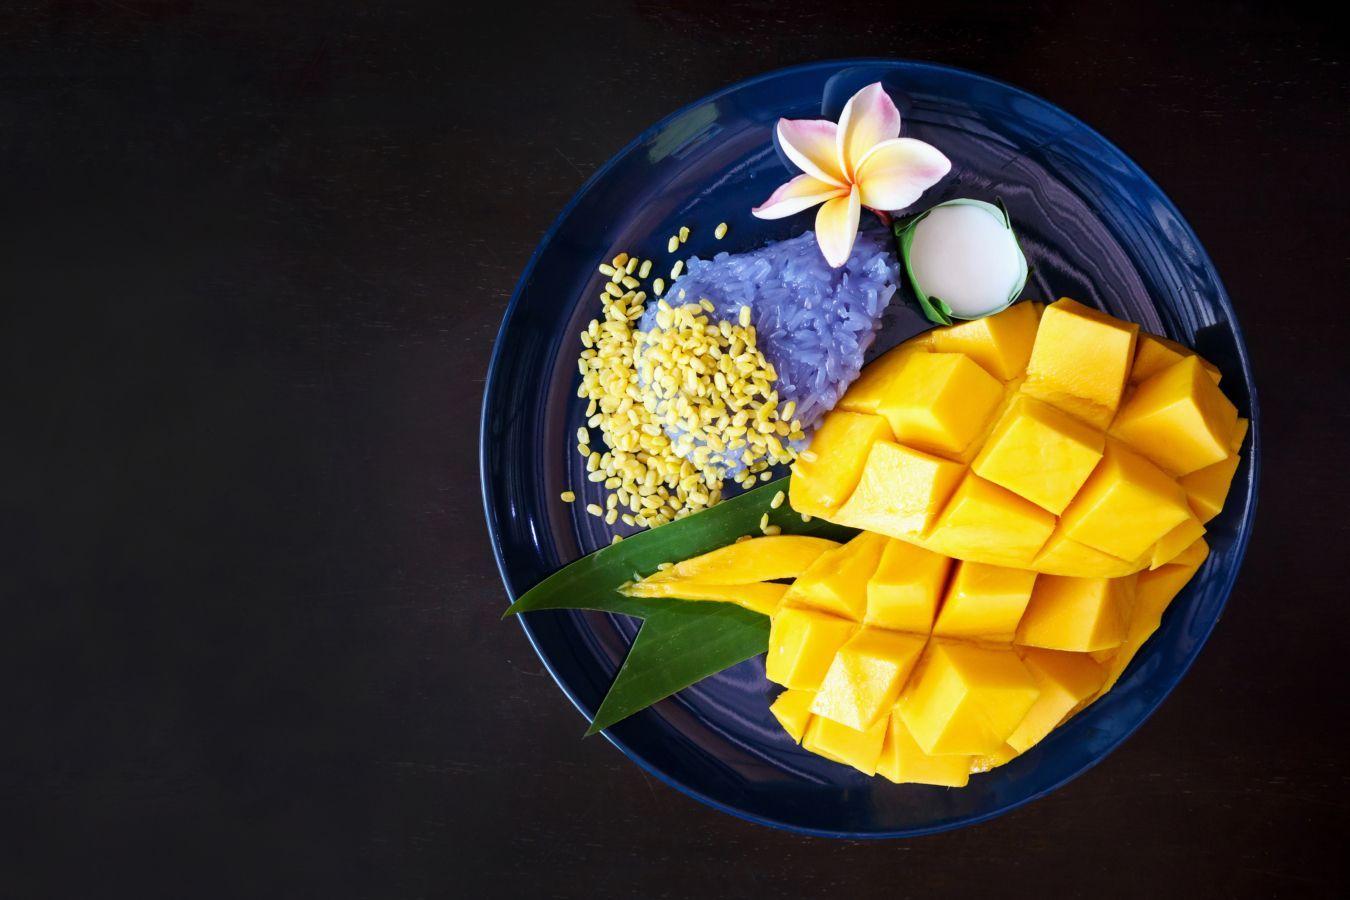 Mango and sticky rice: este postre vegano y sin gluten debería convertirse en tu absoluta prioridad tan pronto como pongas un pie en Tailandia | Gastronomadistas